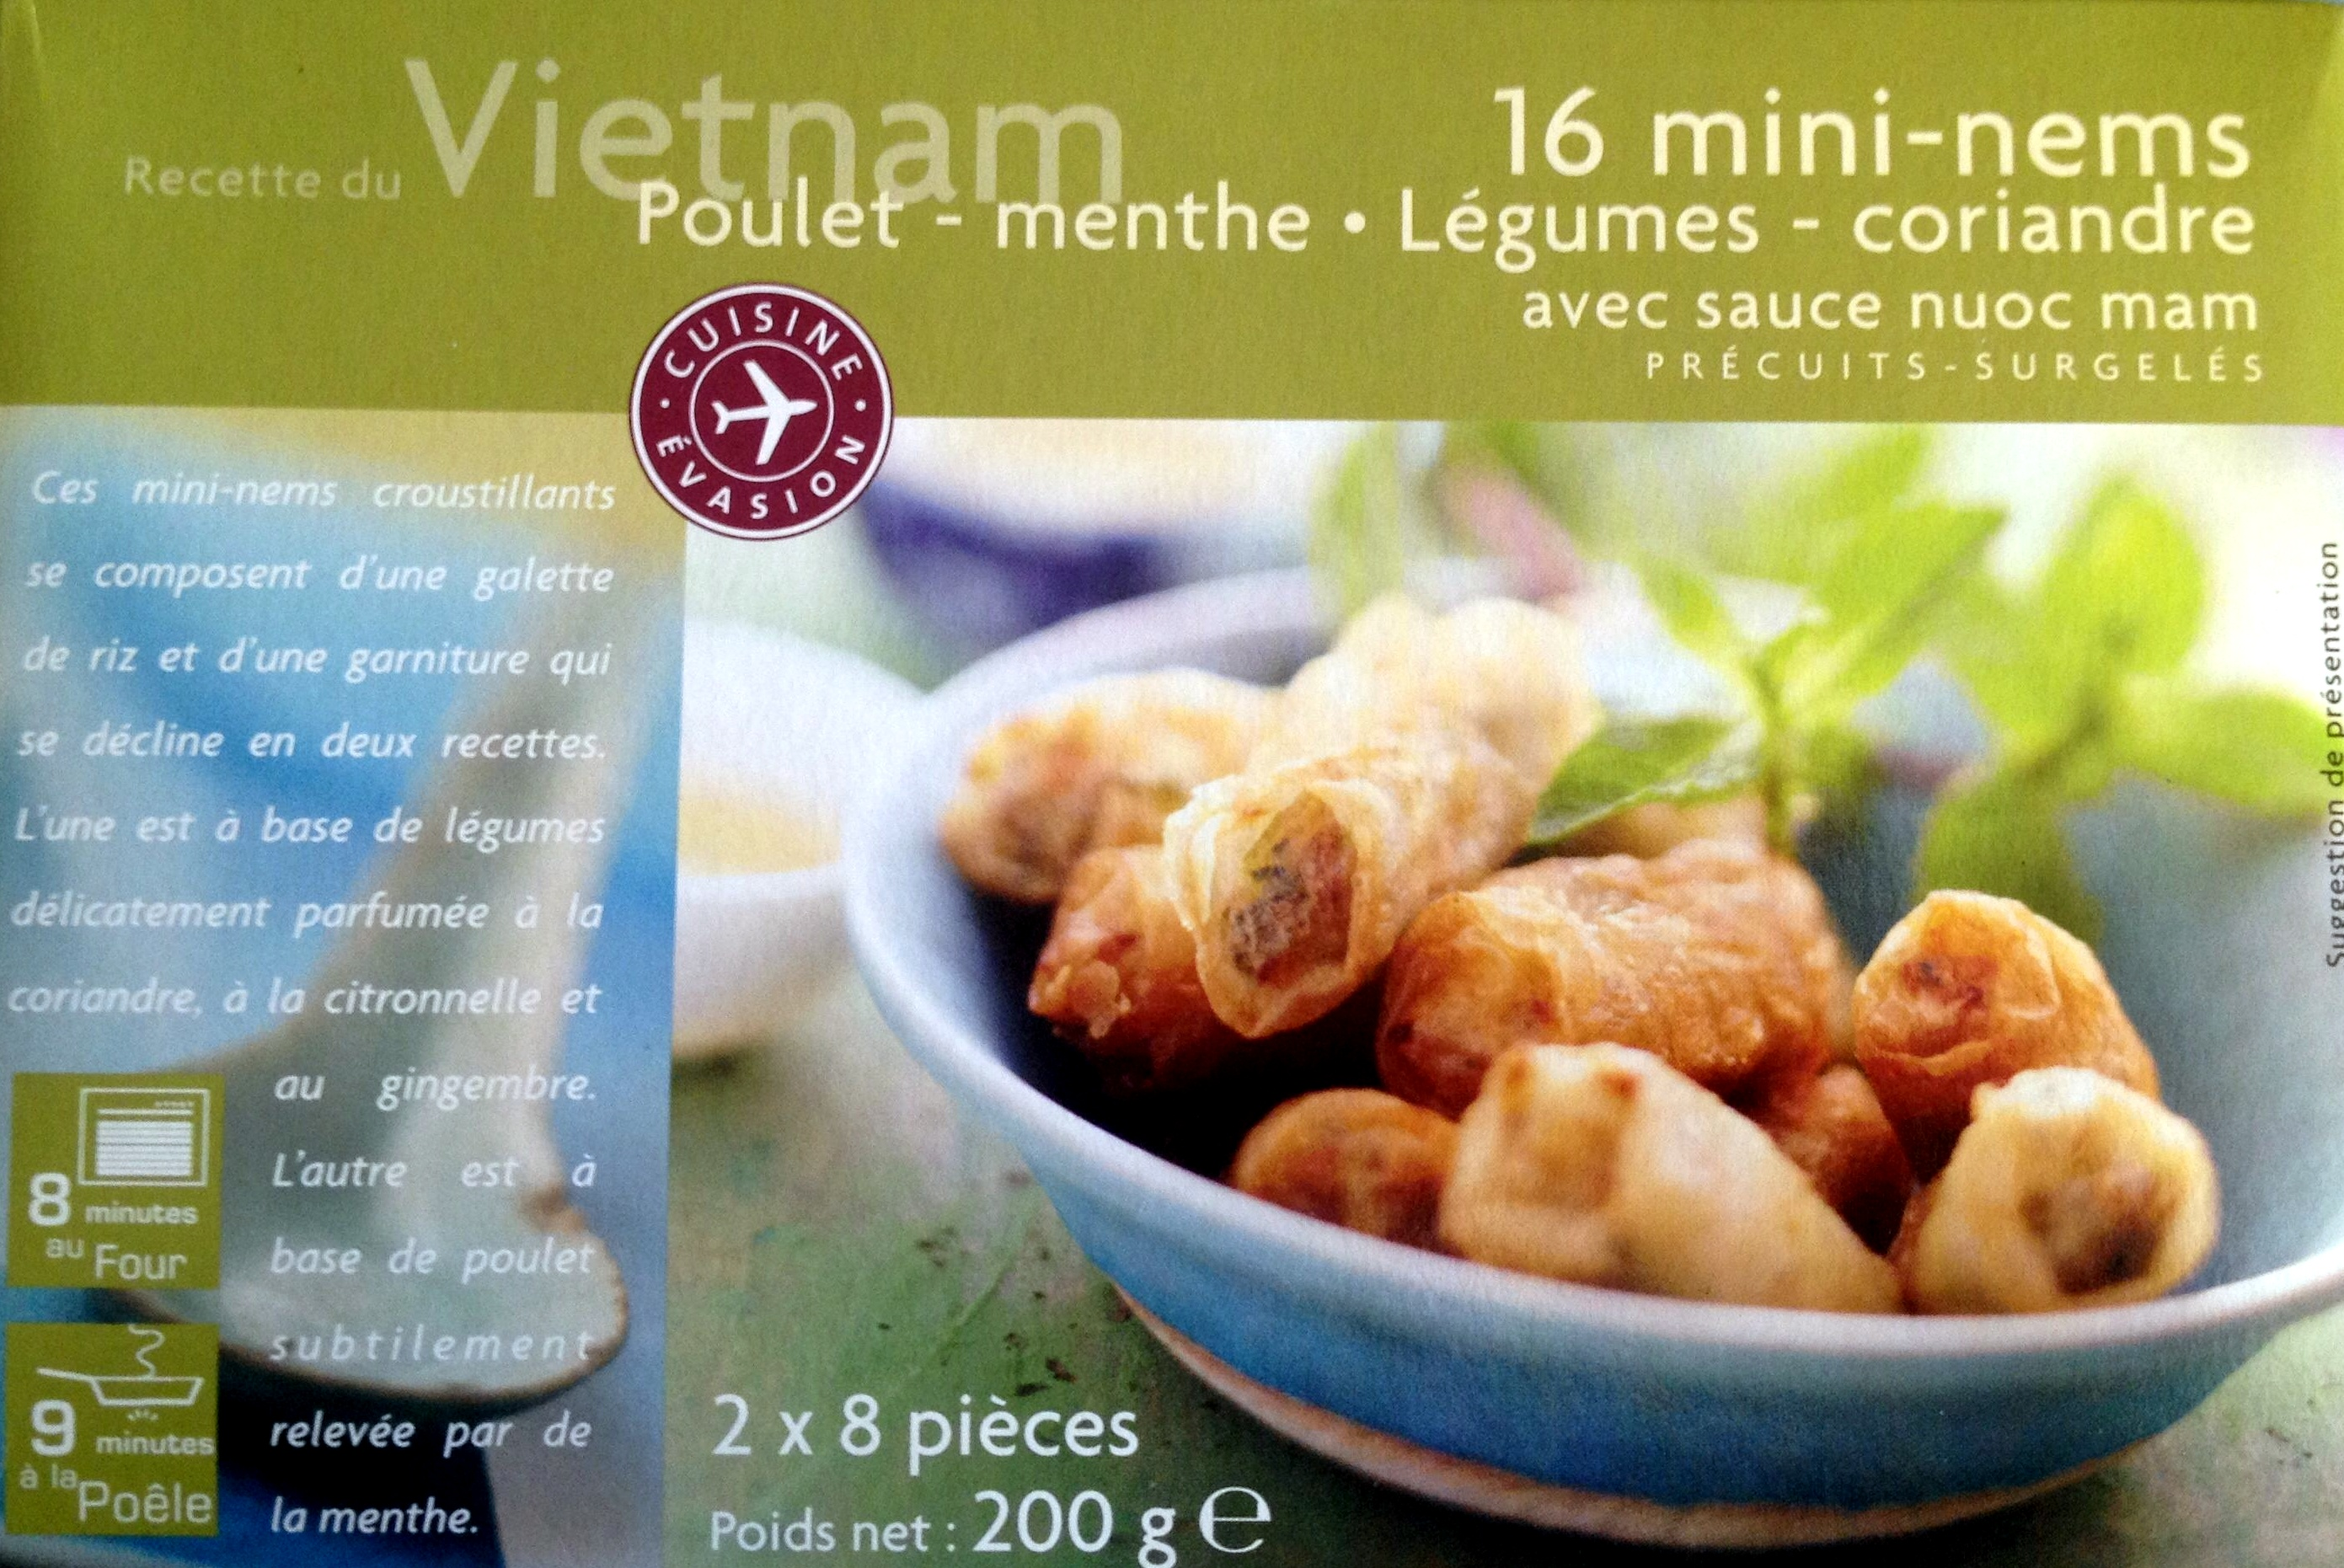 16 Mini-Mems (Poulet, Menthe, Légumes, Coriandre) - Product